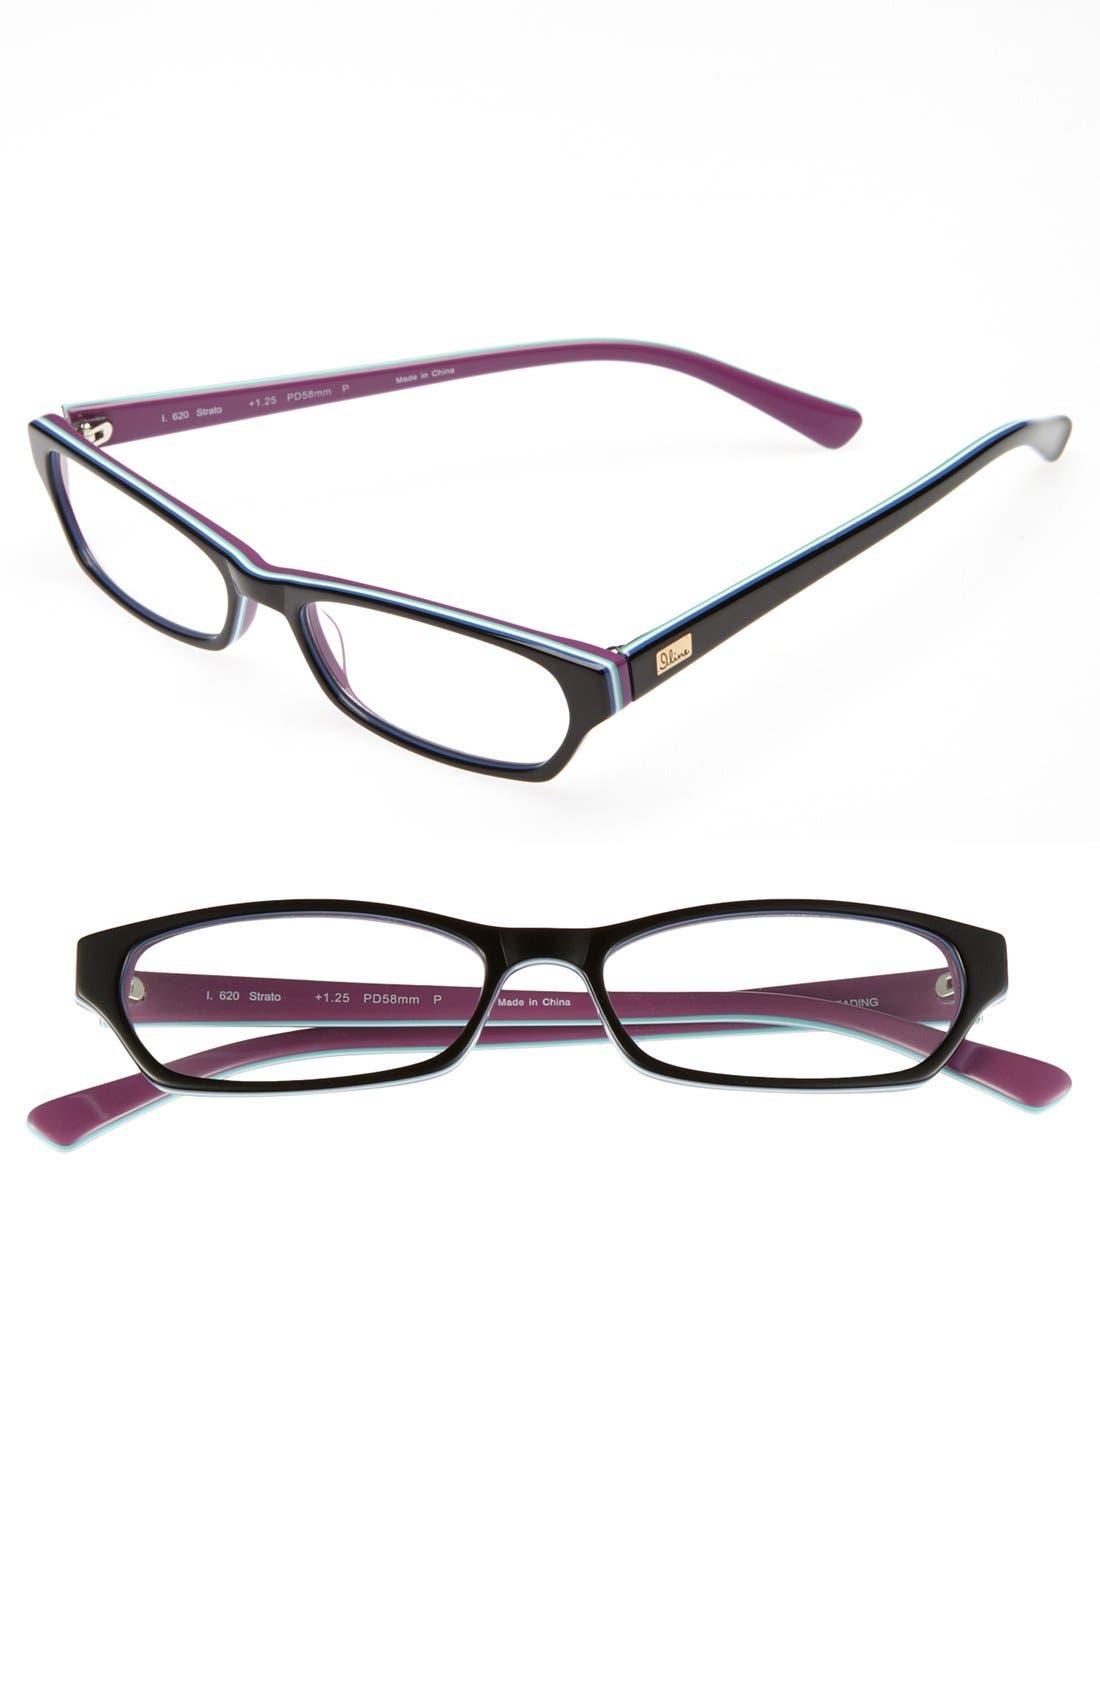 Main Image - I Line Eyewear 'Strato' 52mm Reading Glasses